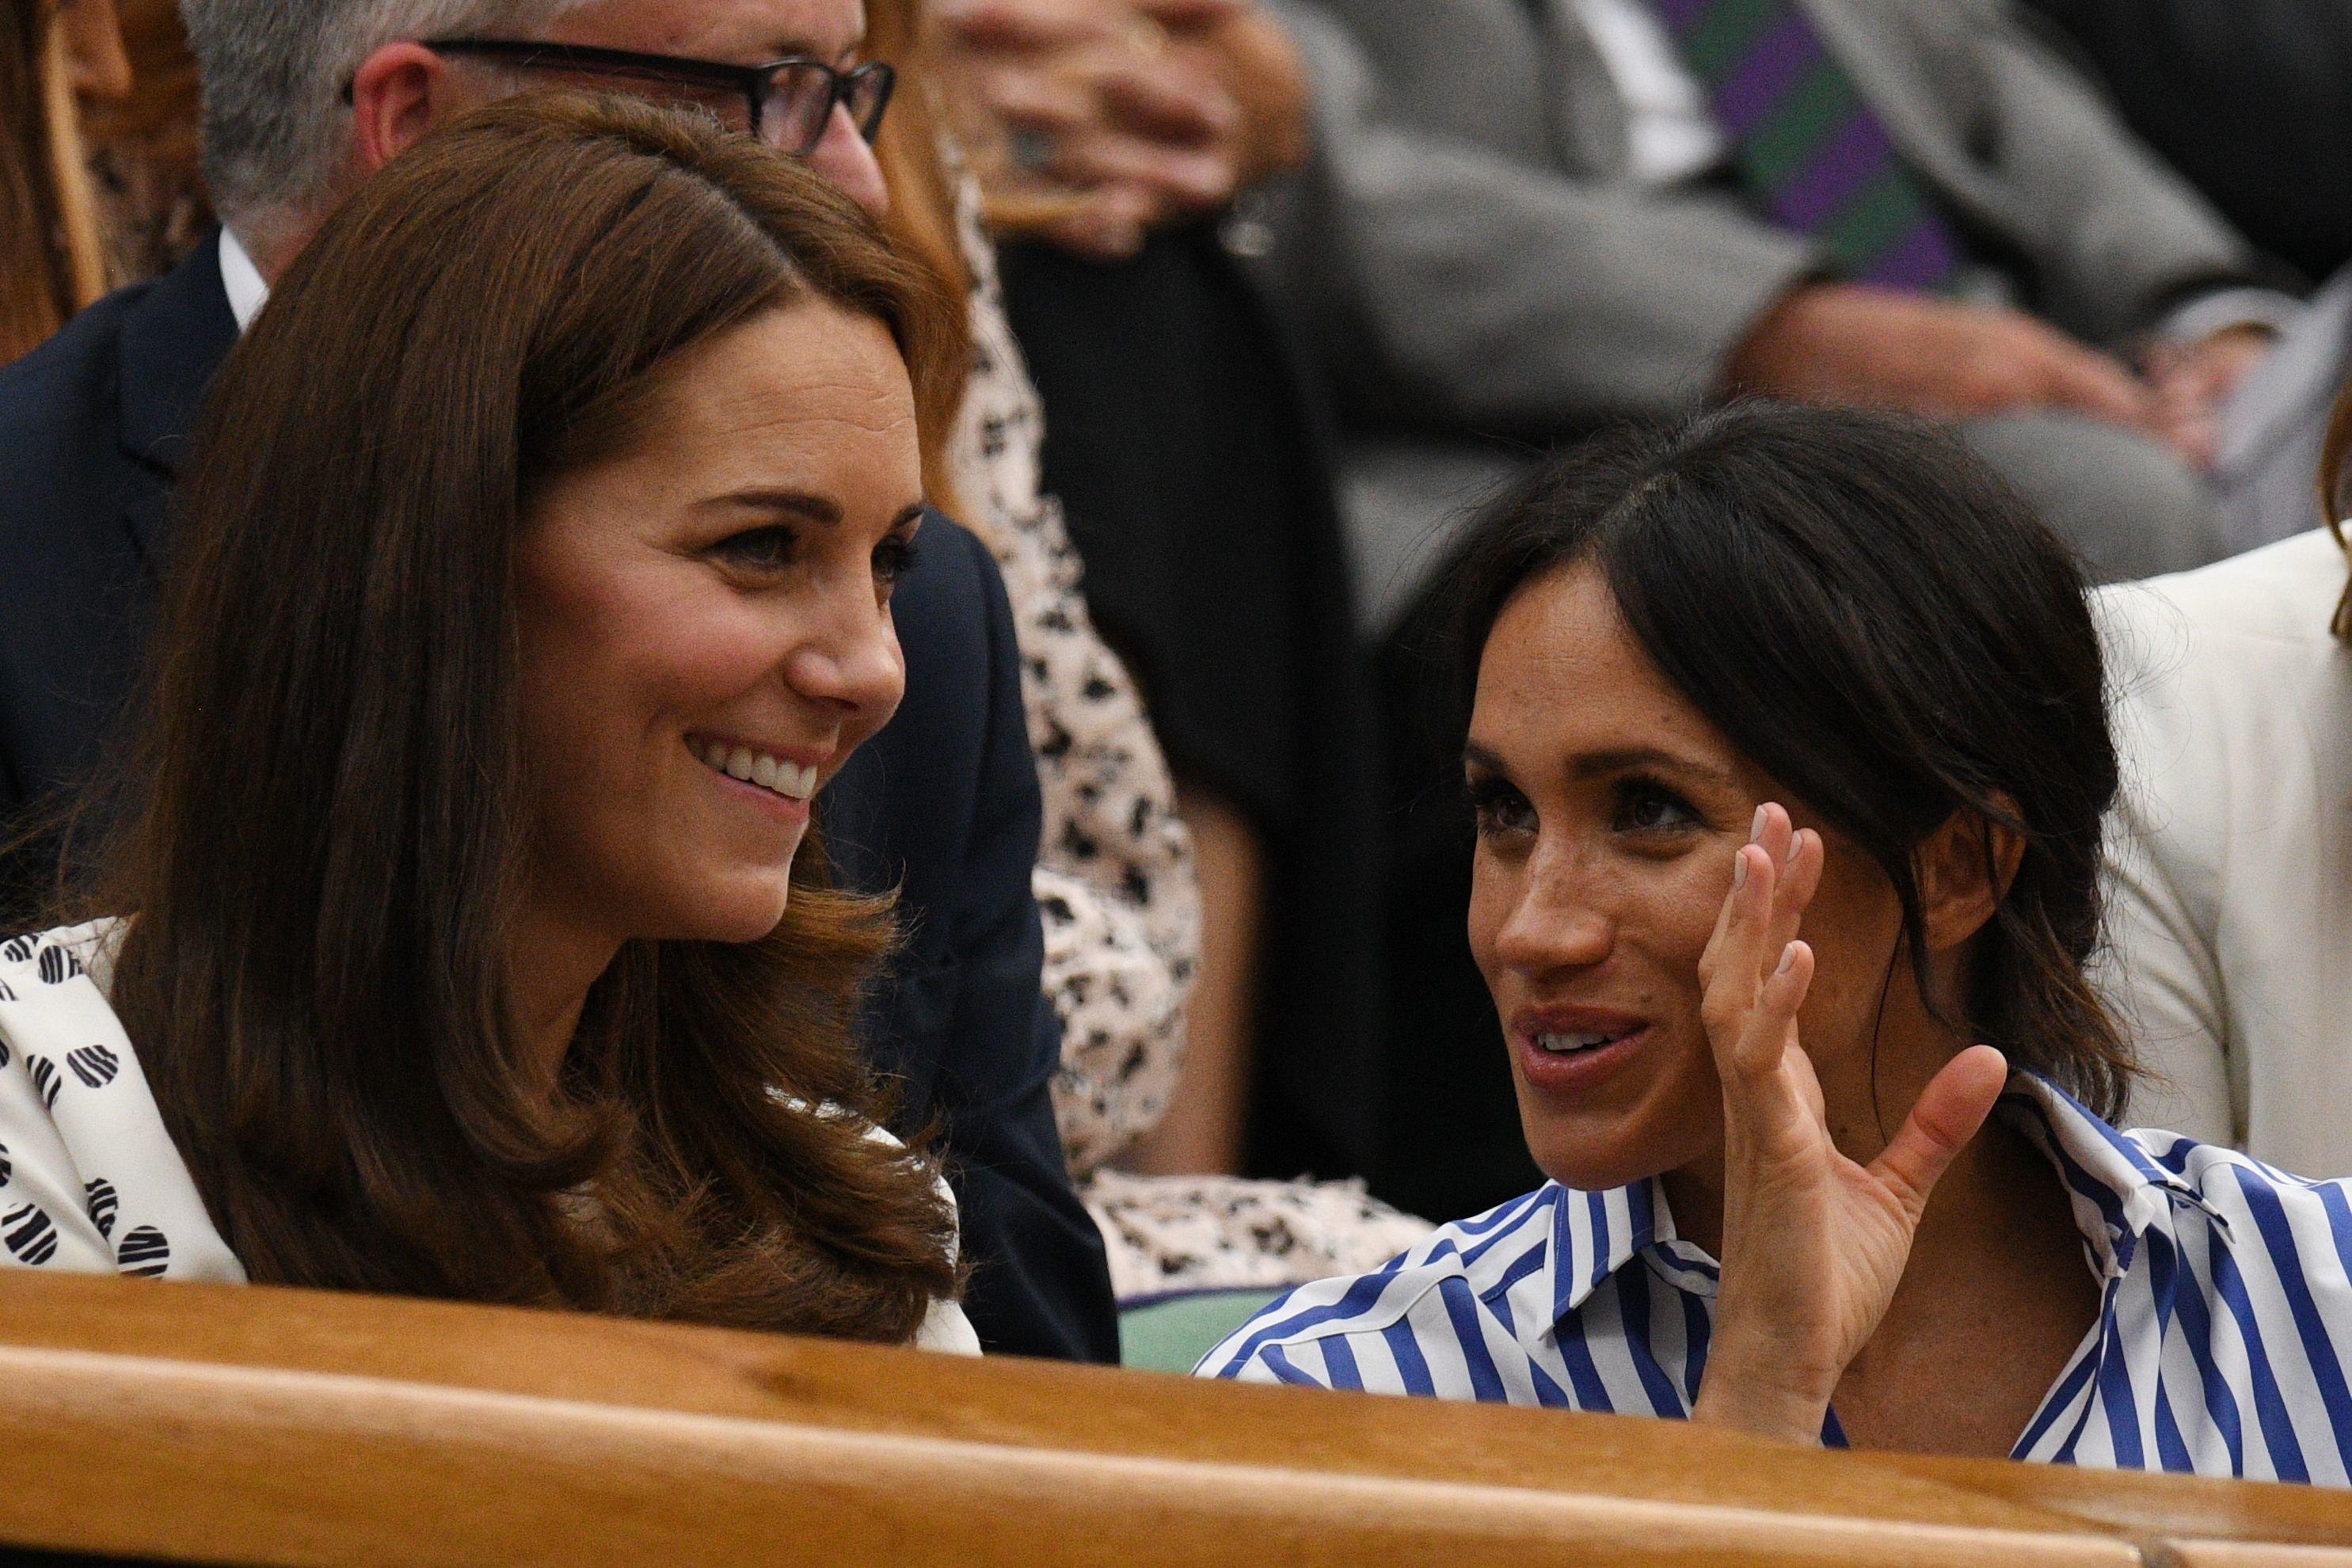 Royals: Expertin verrät, warum Meghan und Kate spezielle Unterwäsche